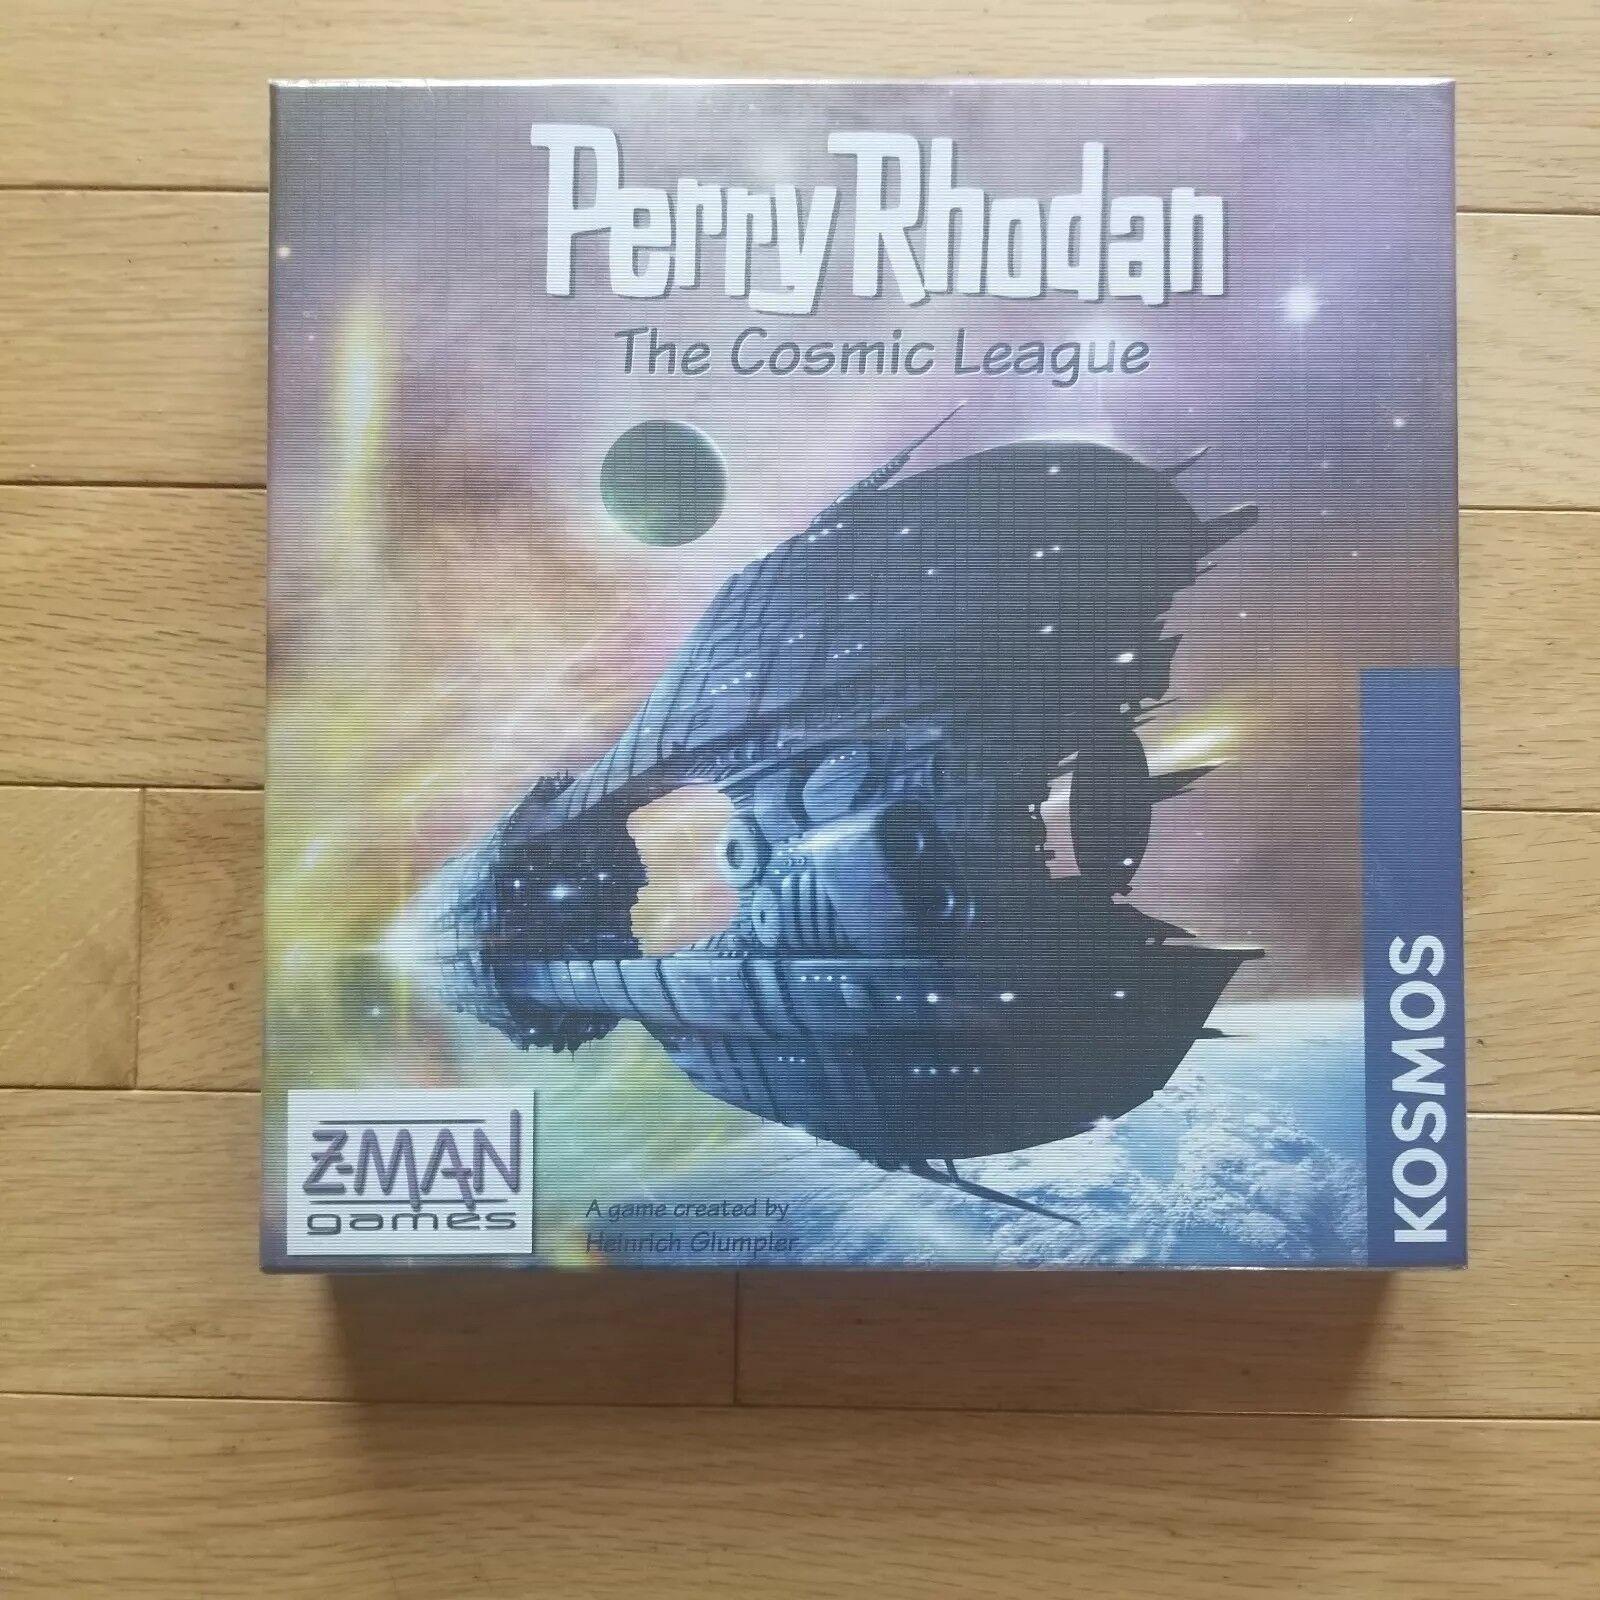 Perry Rhodan Board Game New in Shrink